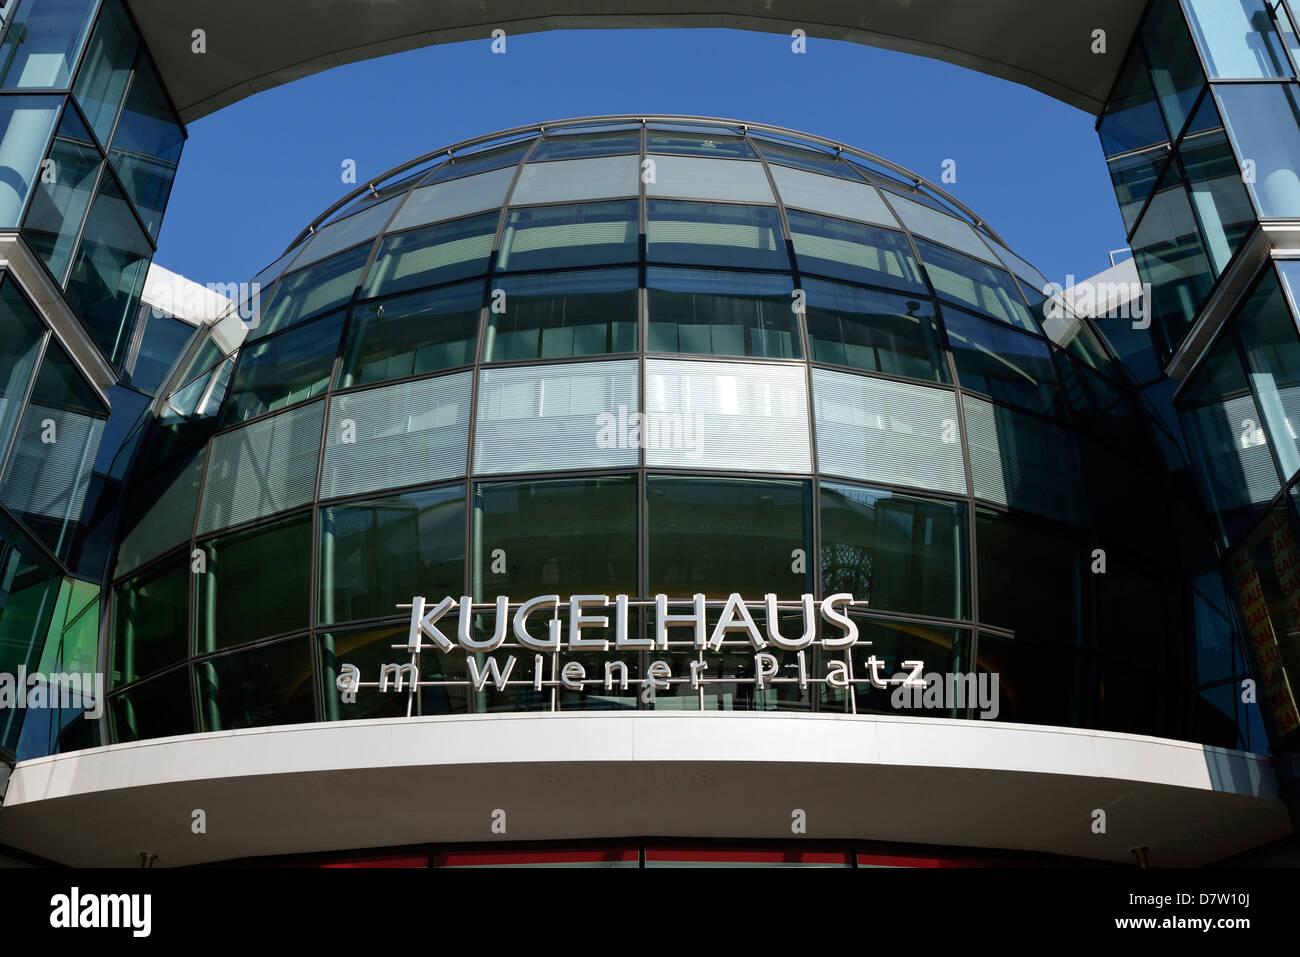 Dresden, Kugelhaus am Wiener Platz, Sachsen, Deutschland Stock Photo